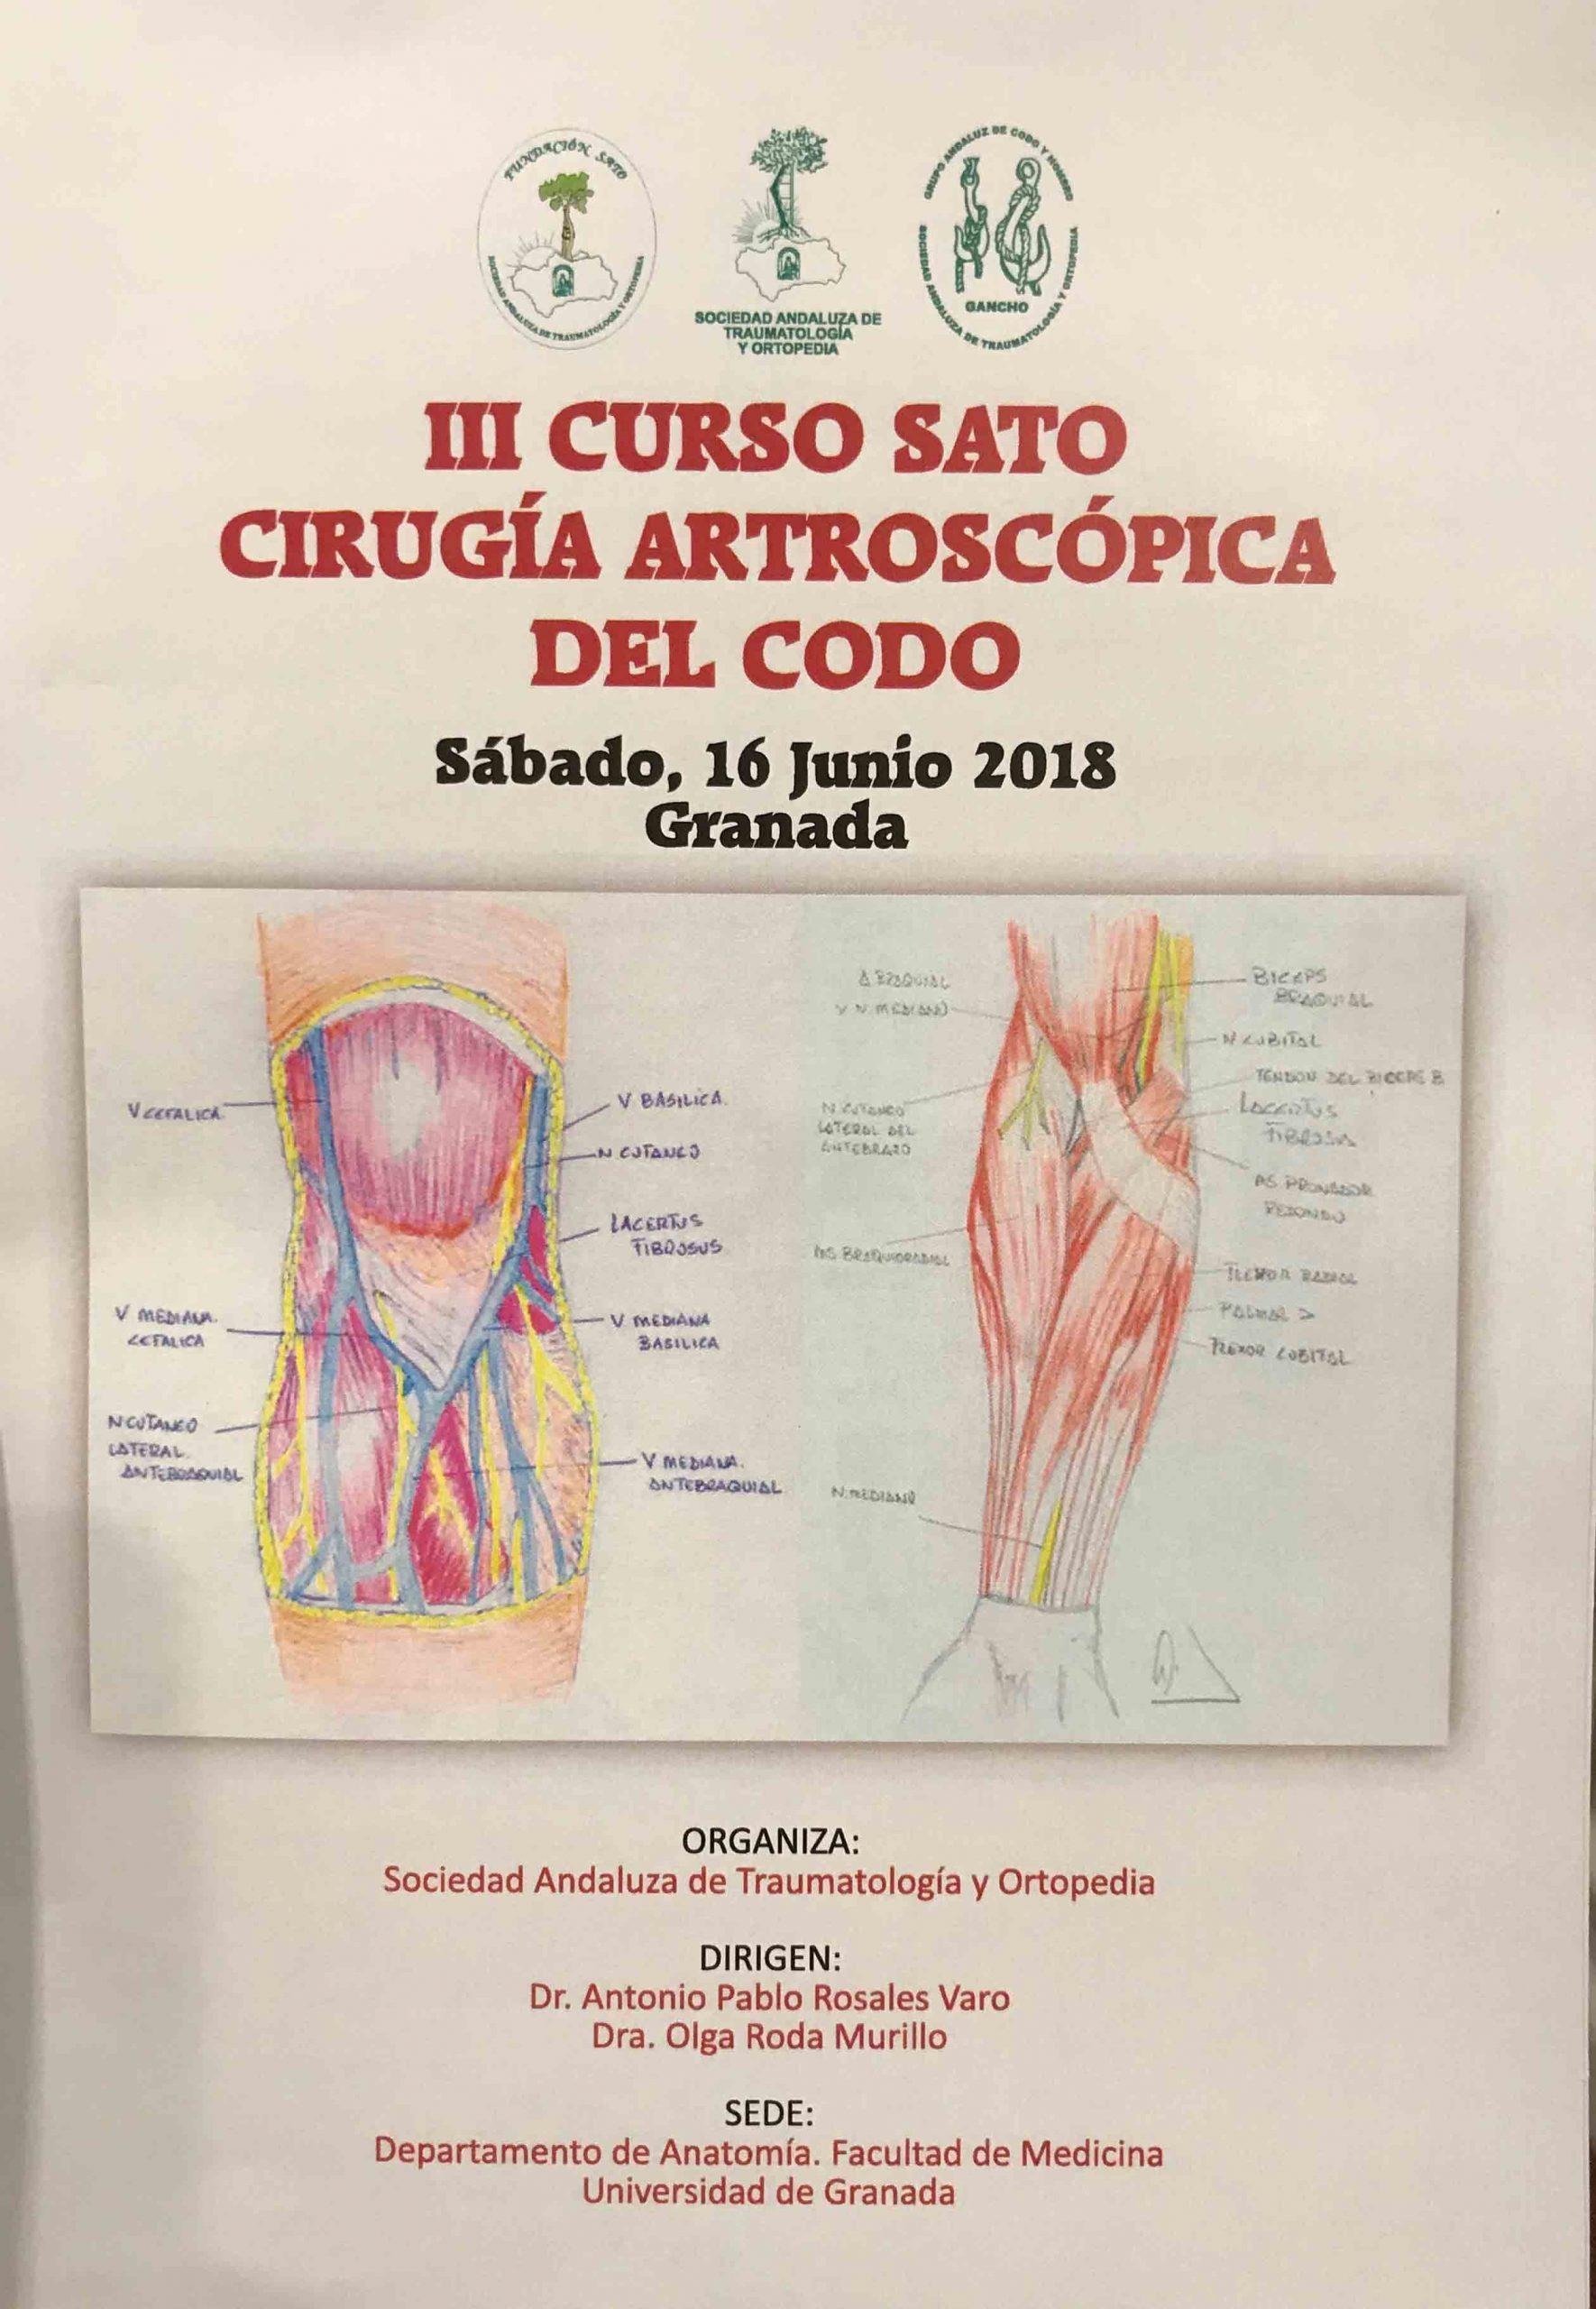 CRONICA III CURSO DE CIRUGIA ARTROSCOPICA DEL CODO DE LA SOCIEDAD ANDALUZA DE TRAUMATOLOGÍA Y ORTOPEDIA.